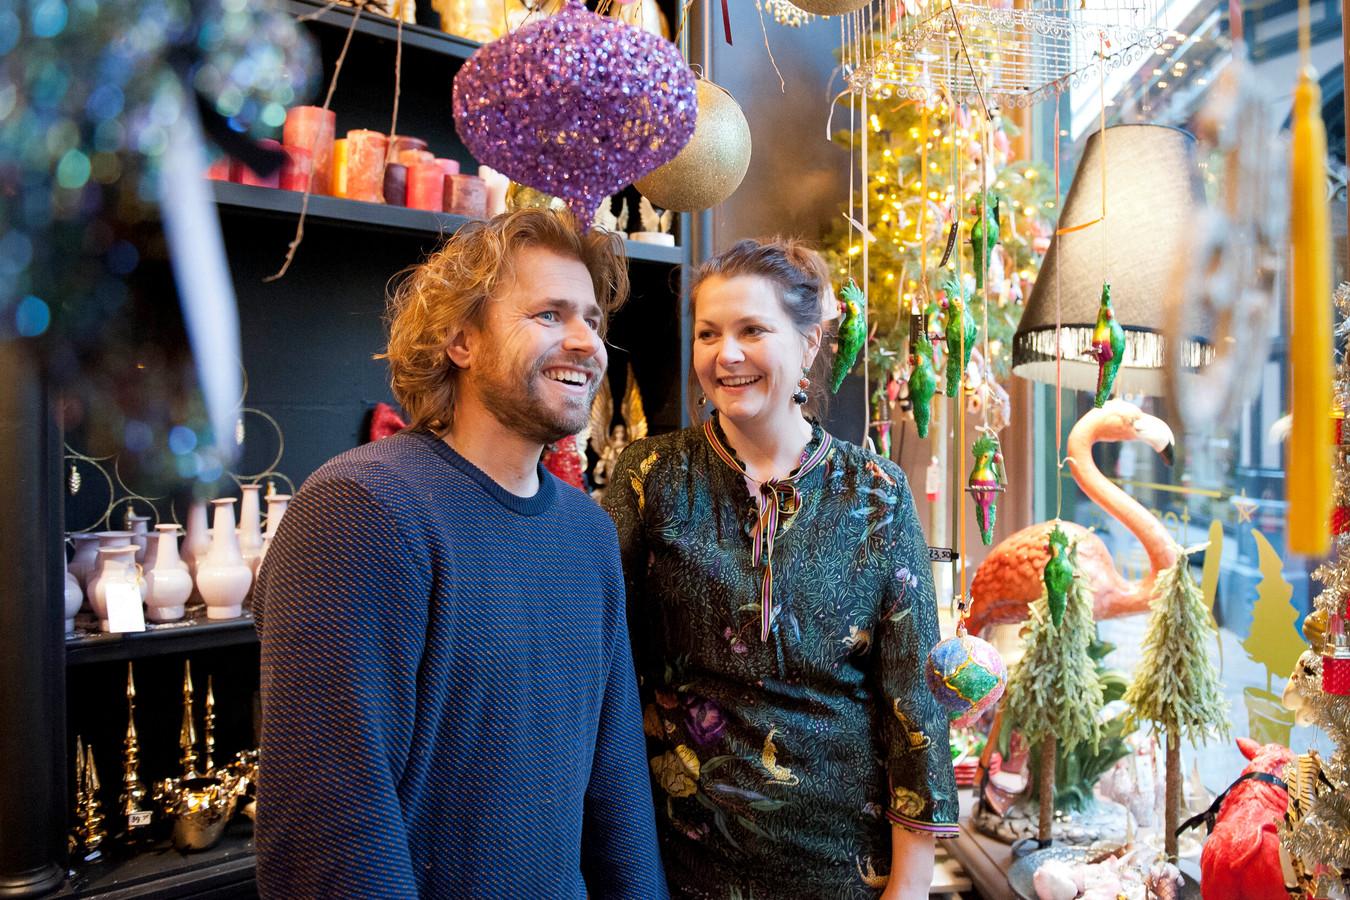 Bastiaan Hutten en Barbara Bijenhof in de speciale kerstwinkel van Ten Kate in Deventer.